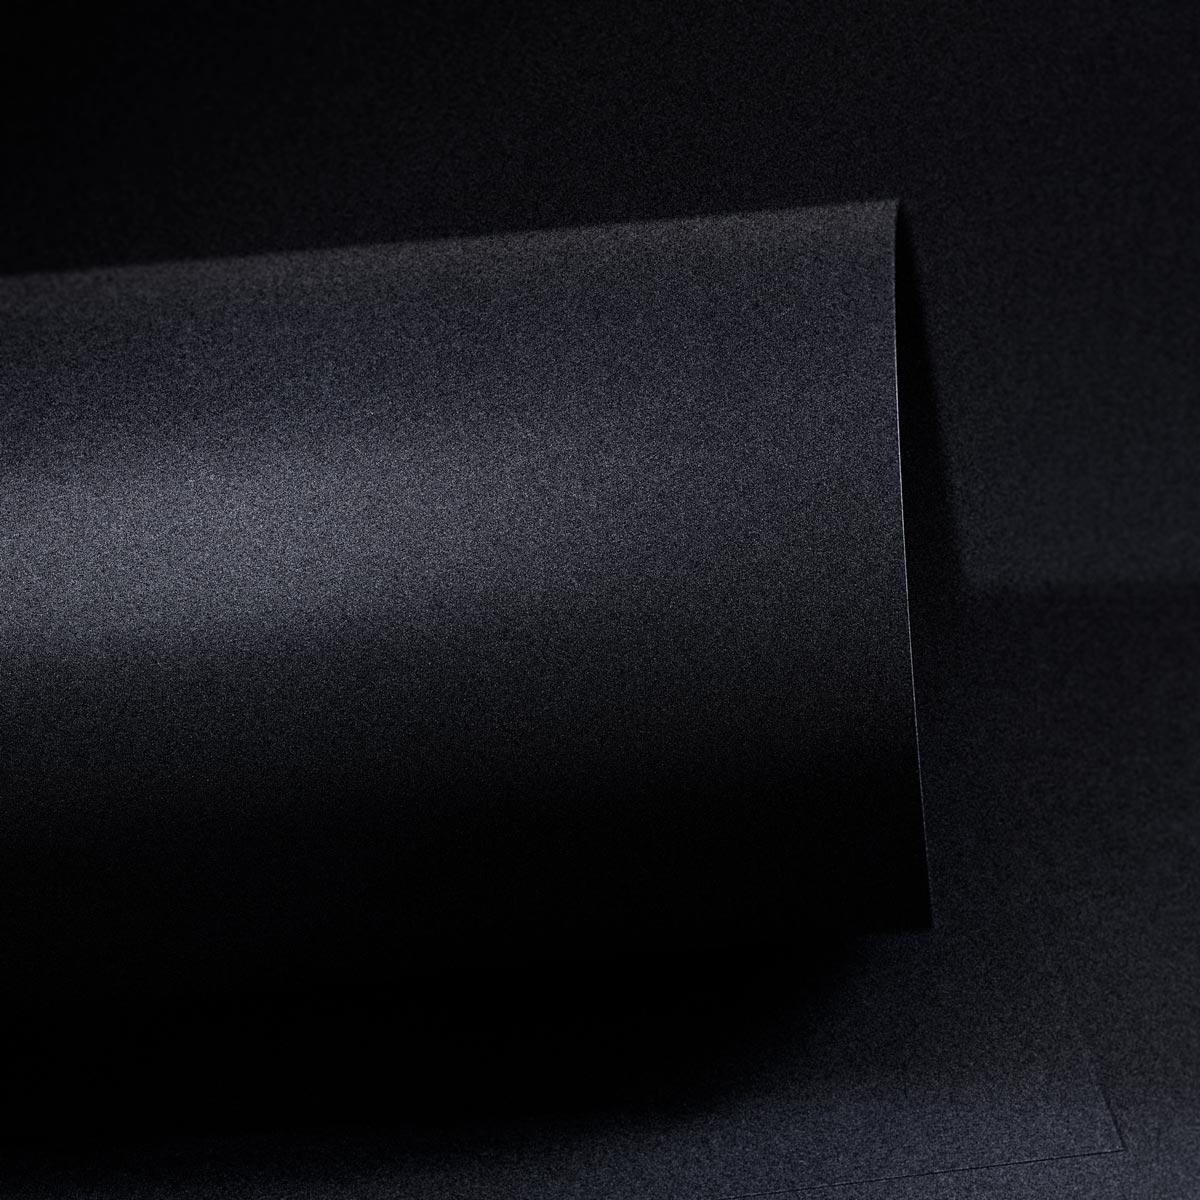 Papel Color Plus Metalizado 180g A4 Oxford - Preto Metalizado  - Minas Midias